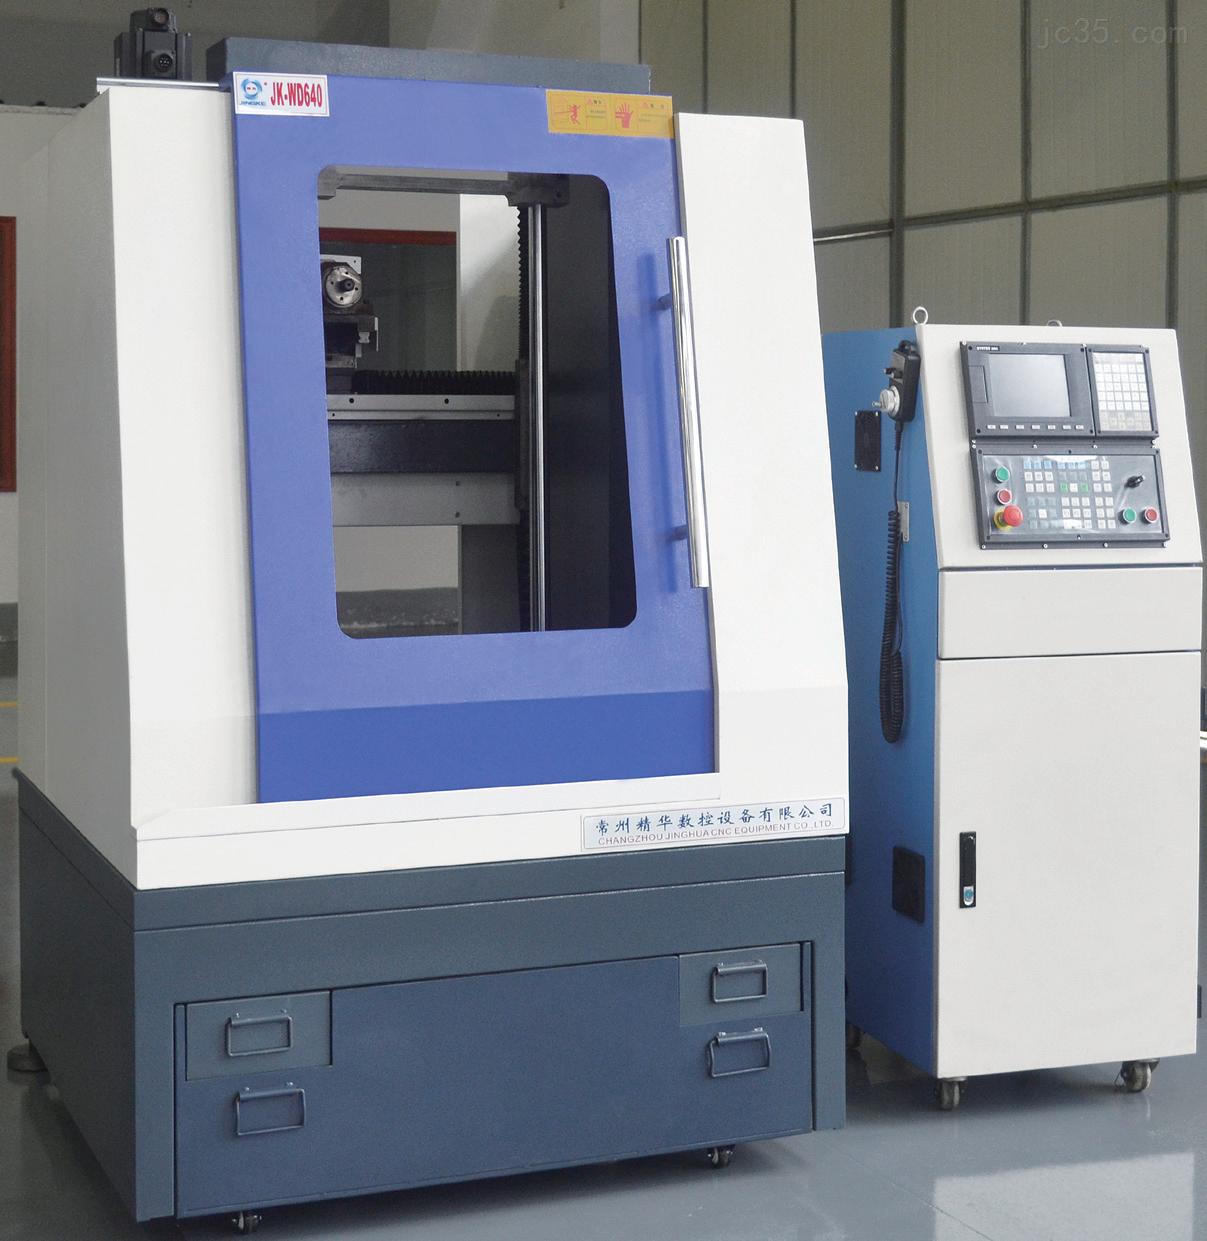 常州精科CNC卧式3D立雕机JK-WD640四轴联动高精度雕刻机